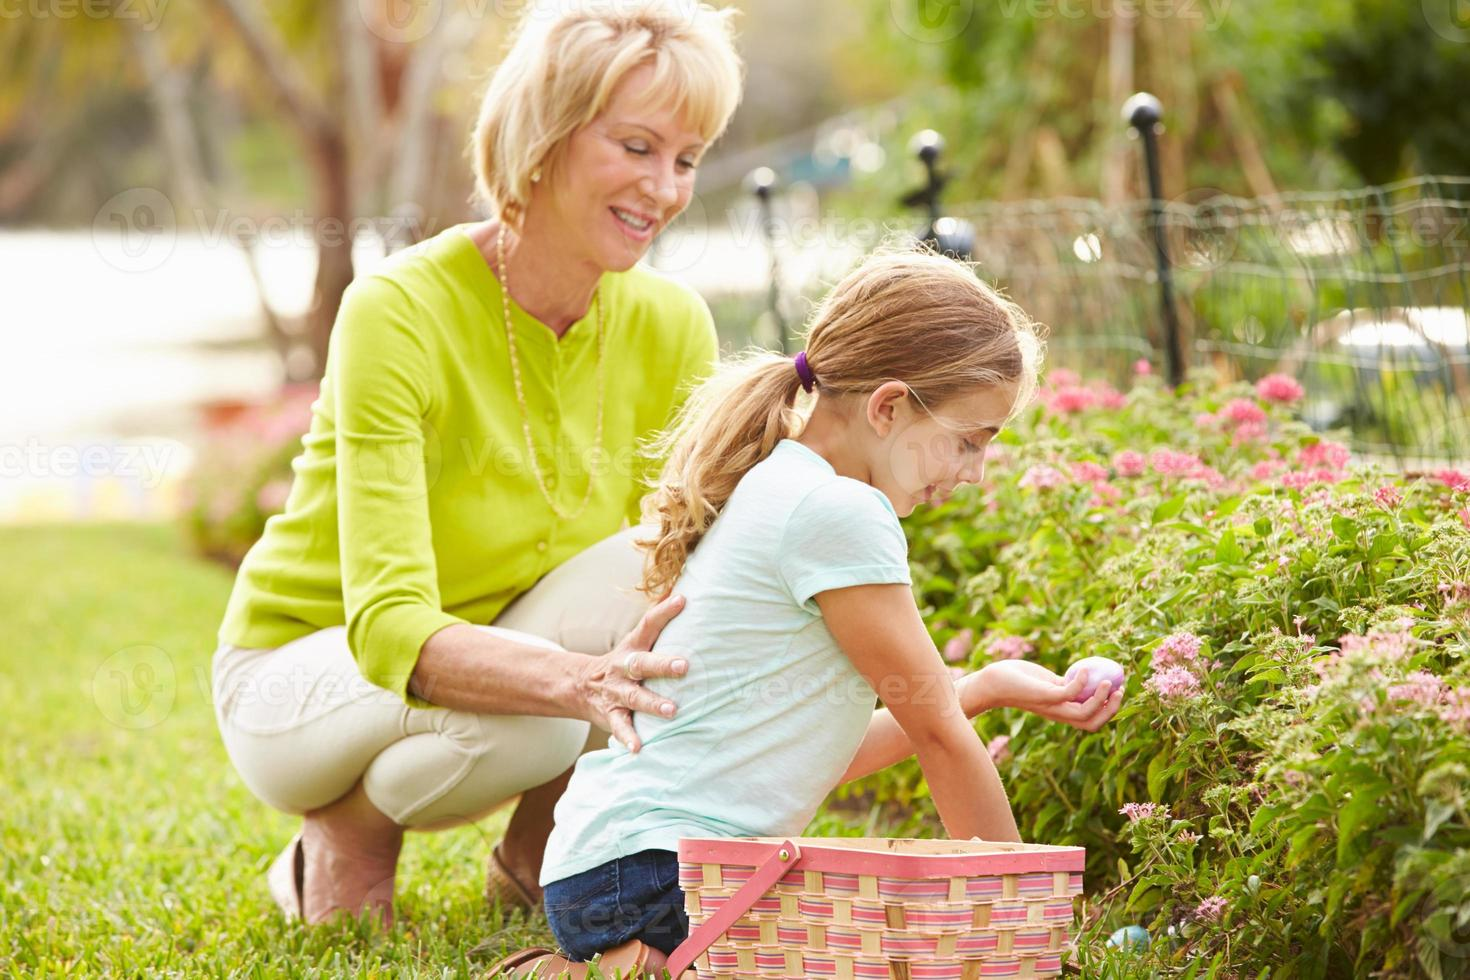 avó com neta na caça aos ovos de Páscoa no jardim foto